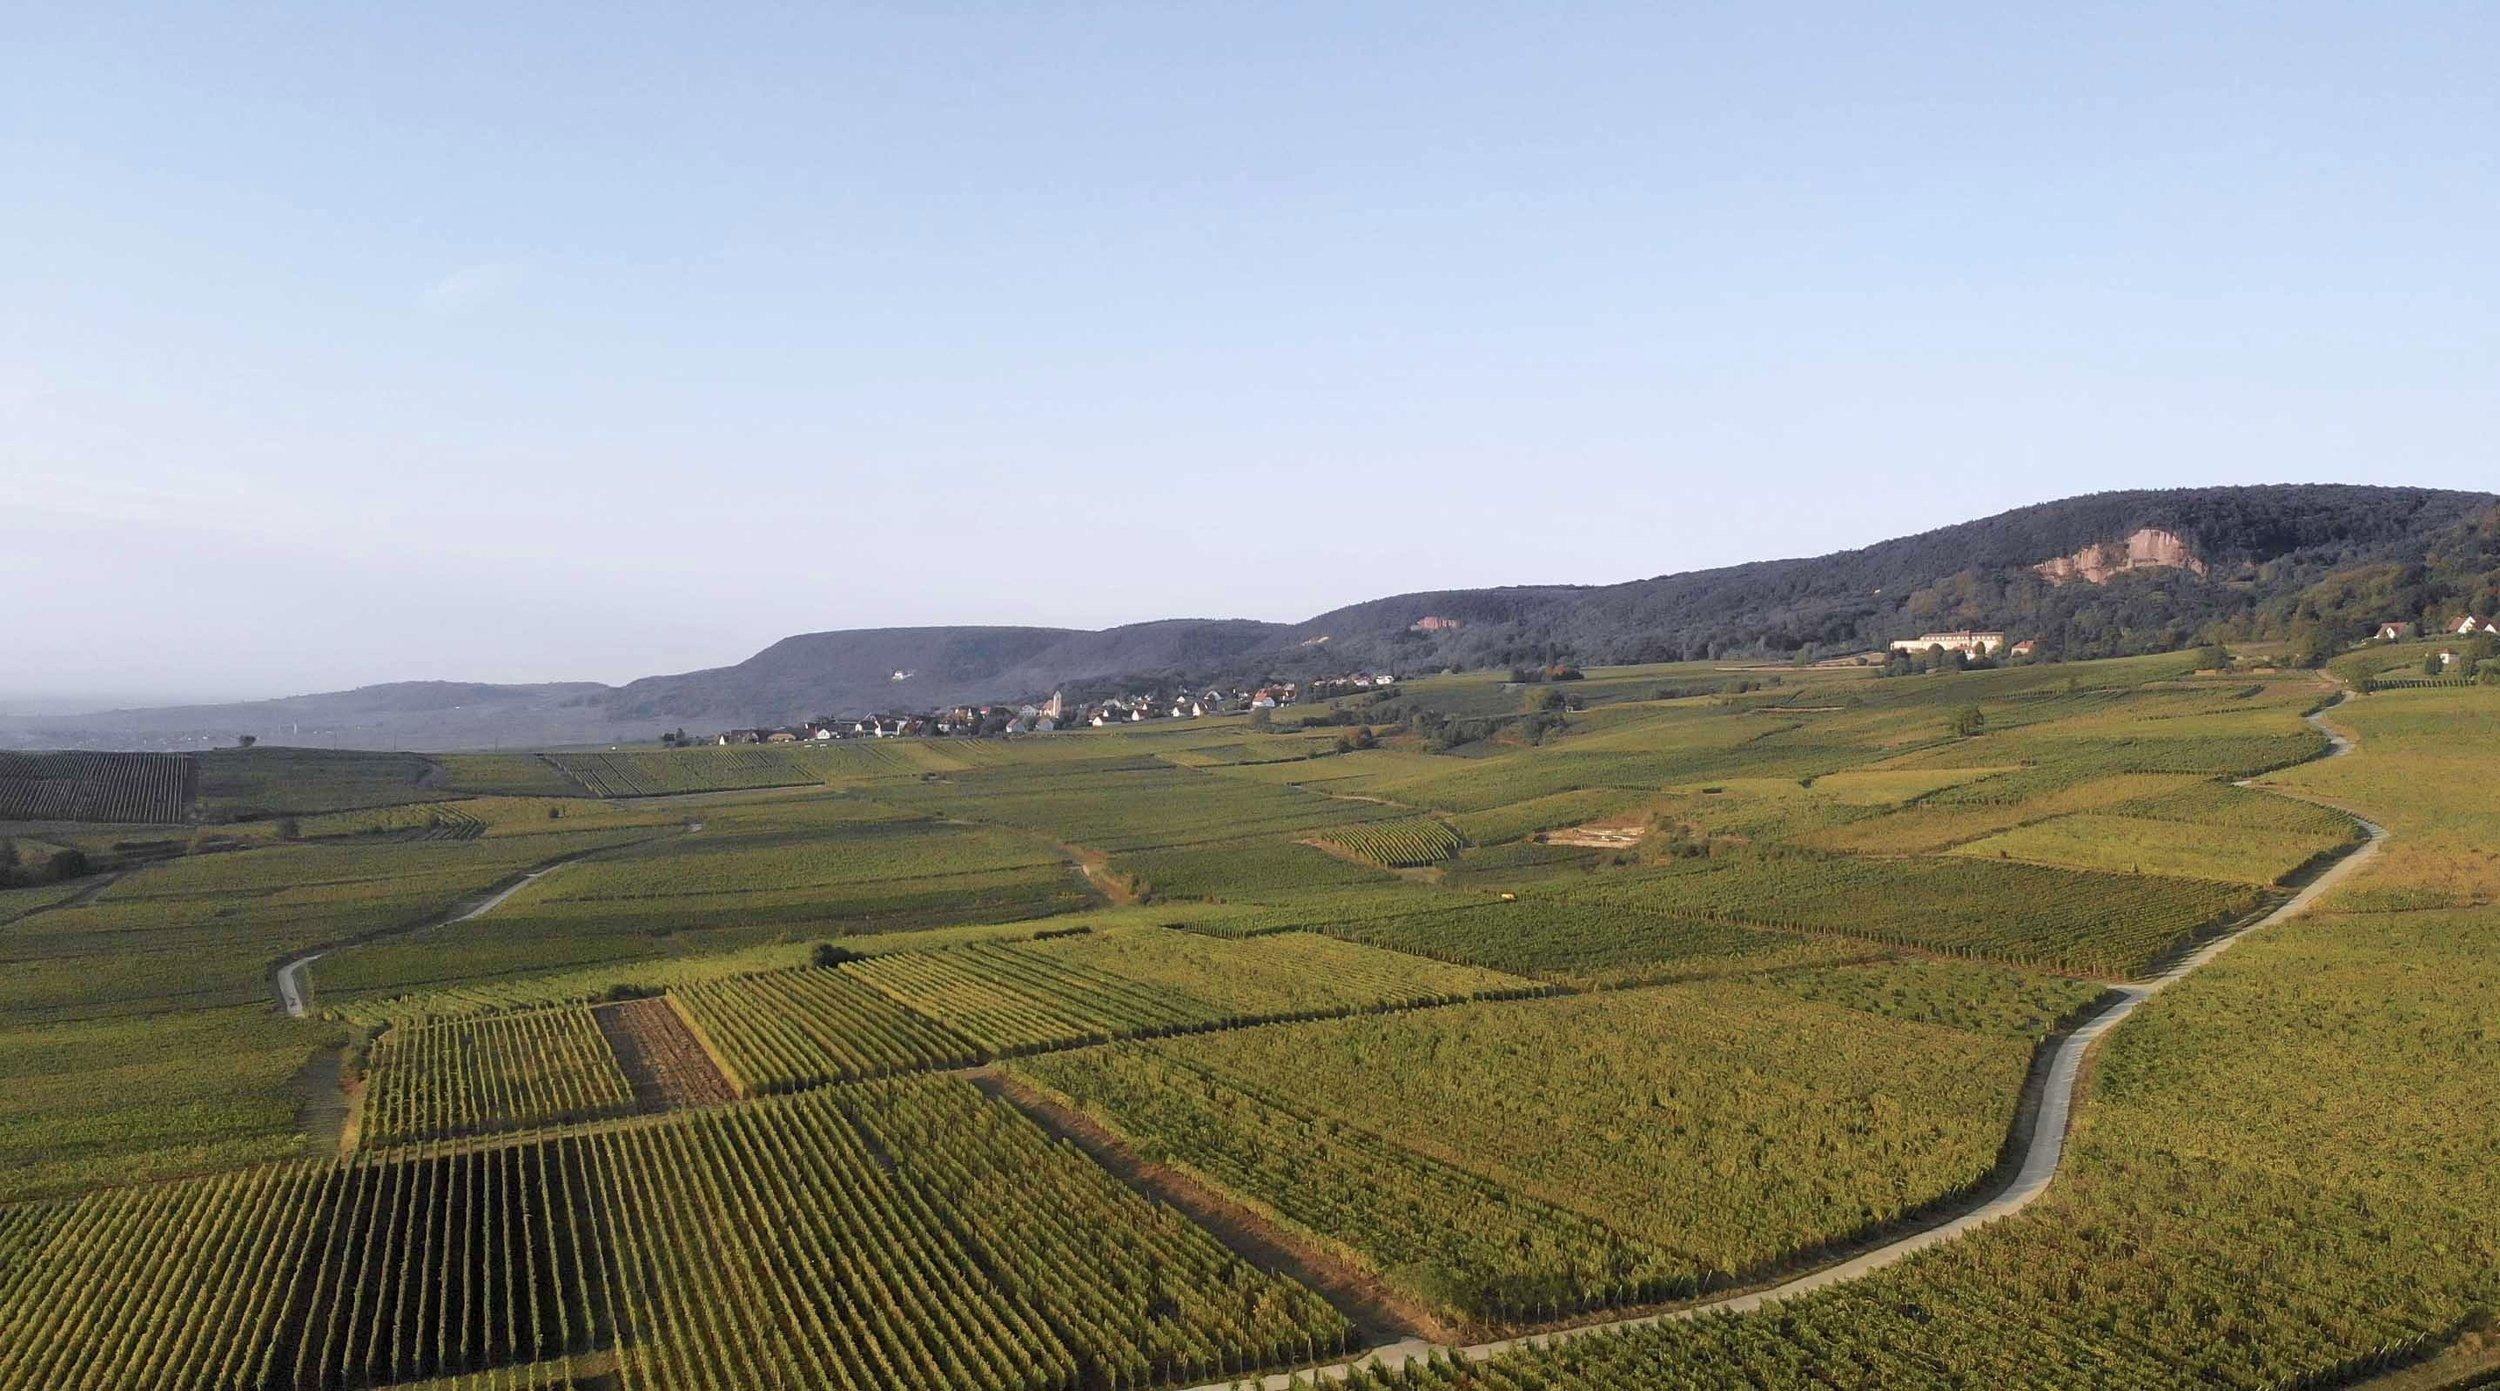 Vins d'Alsace, Domaine clément Leiber, Cave à vins, Vigneron-récoltant Grands vins d'Alsace, AOC Alsace grand cru, Vins en Alsace, le cépage alsacien, appellation Alsace grand cru, raisins, riesling, muscat, pinot gris, gewurztraminer, Gewutztaminer vendanges tardives, vendange tardive, vins de terroir alsacien, vins haut de gamme, Alsace grands crus, vins d'Alsace, Obermorschwihr, Colmar, Pfersigberg, Eichberg, cave vinicole, cave viticole, Vigneron-récoltant, Artisan vigneron, Serge Leiber, Centon d'Alsace, Pinot Blanc, Muscat d'Alsace, Rosé d'Alsace, Pinot Noir, Crémant d'Alsace, Crémant d'Alsace Rosé, Crémant d'Alsace Brut Impérial MAGNUM, Riesling Terre Jaune, Pinot Gris, Grand Cru Pfersigberg, Gewurztraminer Grand Cru Eichberg, Pinot Gris 2015 Barrique des Perles, Gewurztraminer 2015 Lune Rouge, Eaux-de-Vie, Quetsch d'Alsace, Marc de Gewurztraminer, Kirsch, Mirabelle, Poire William, Framboise, oenotourisme, Domaine viticole, domaine vinicole, Caves de Voegtlingshoffen, Cave à vins Eguisheim, Dégustation de vins alsacien, Dégustation et vente de vins alsaciens, Caves de Herrlisheim, Caves de Husseren-Les-Châteaux, Caves de Gueberschwihr,